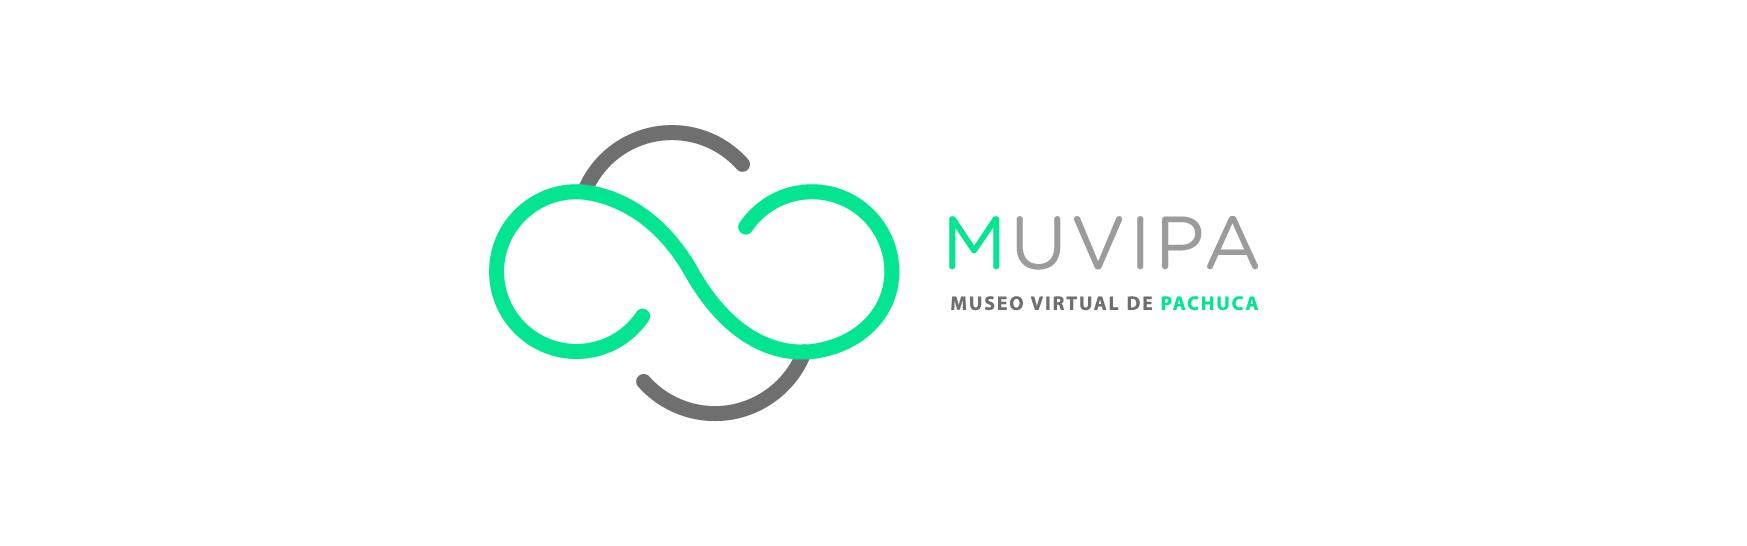 muvipa-05